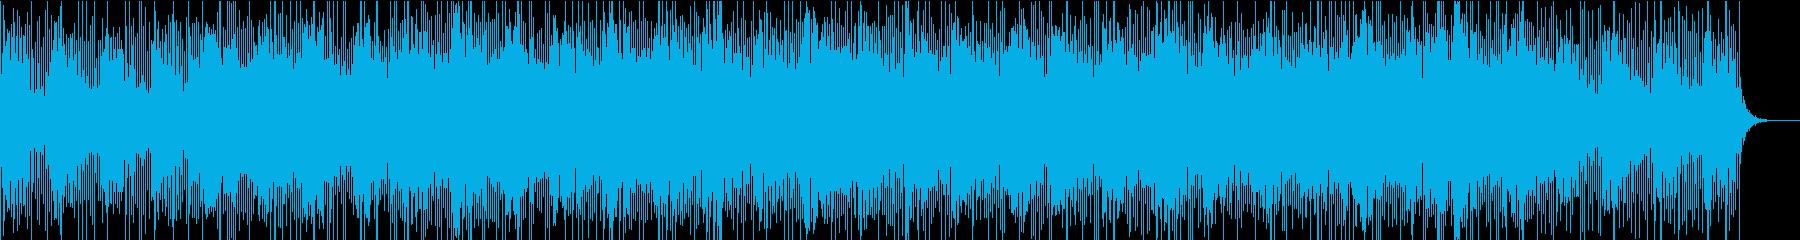 パズルゲーム等に 浮遊感あるテクノポップの再生済みの波形